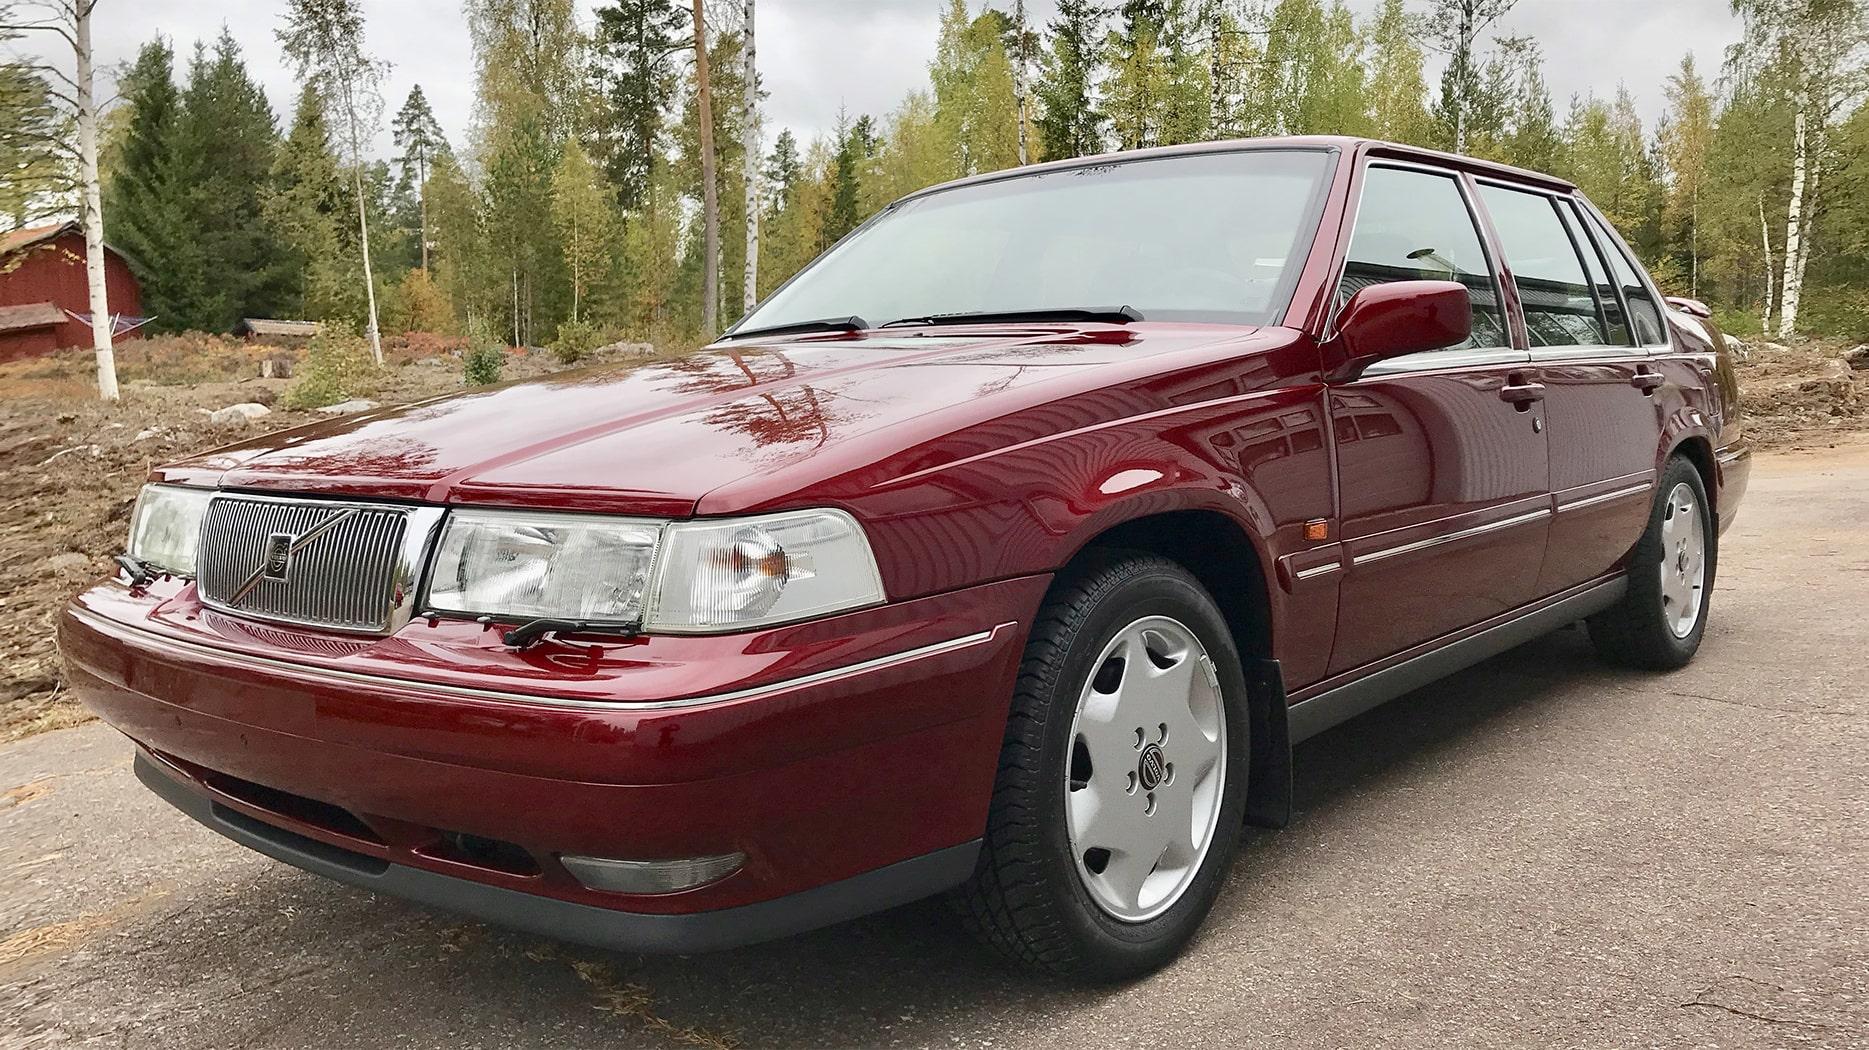 Volvo 960 Sald For 350 000 Kronor Teknikens Varld